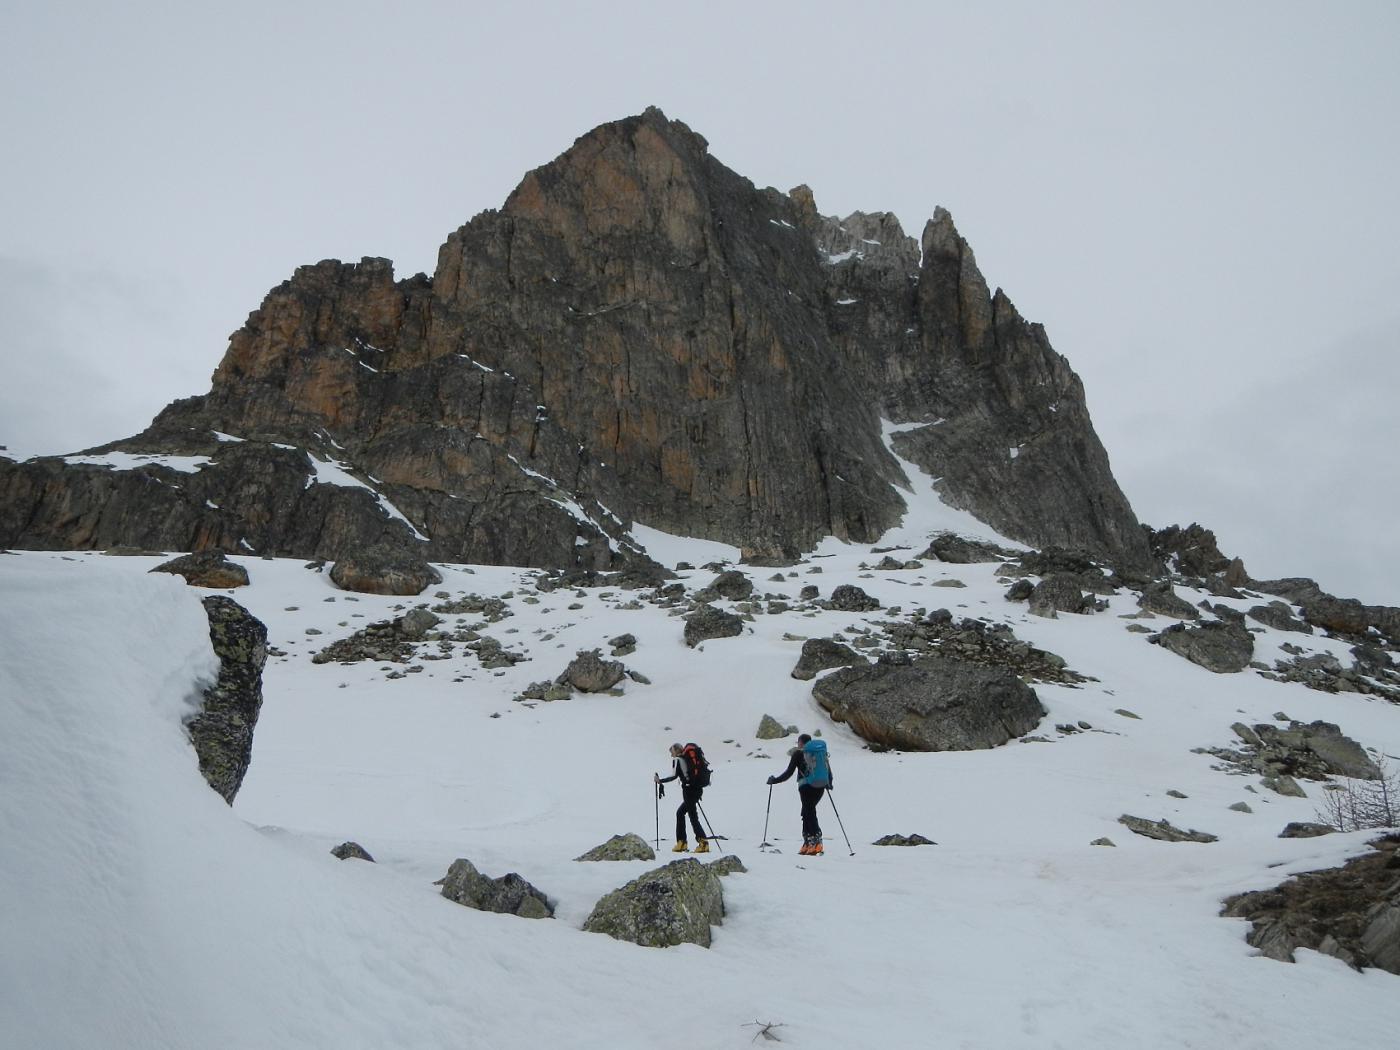 il verticale versante roccioso dell'Aguille Large